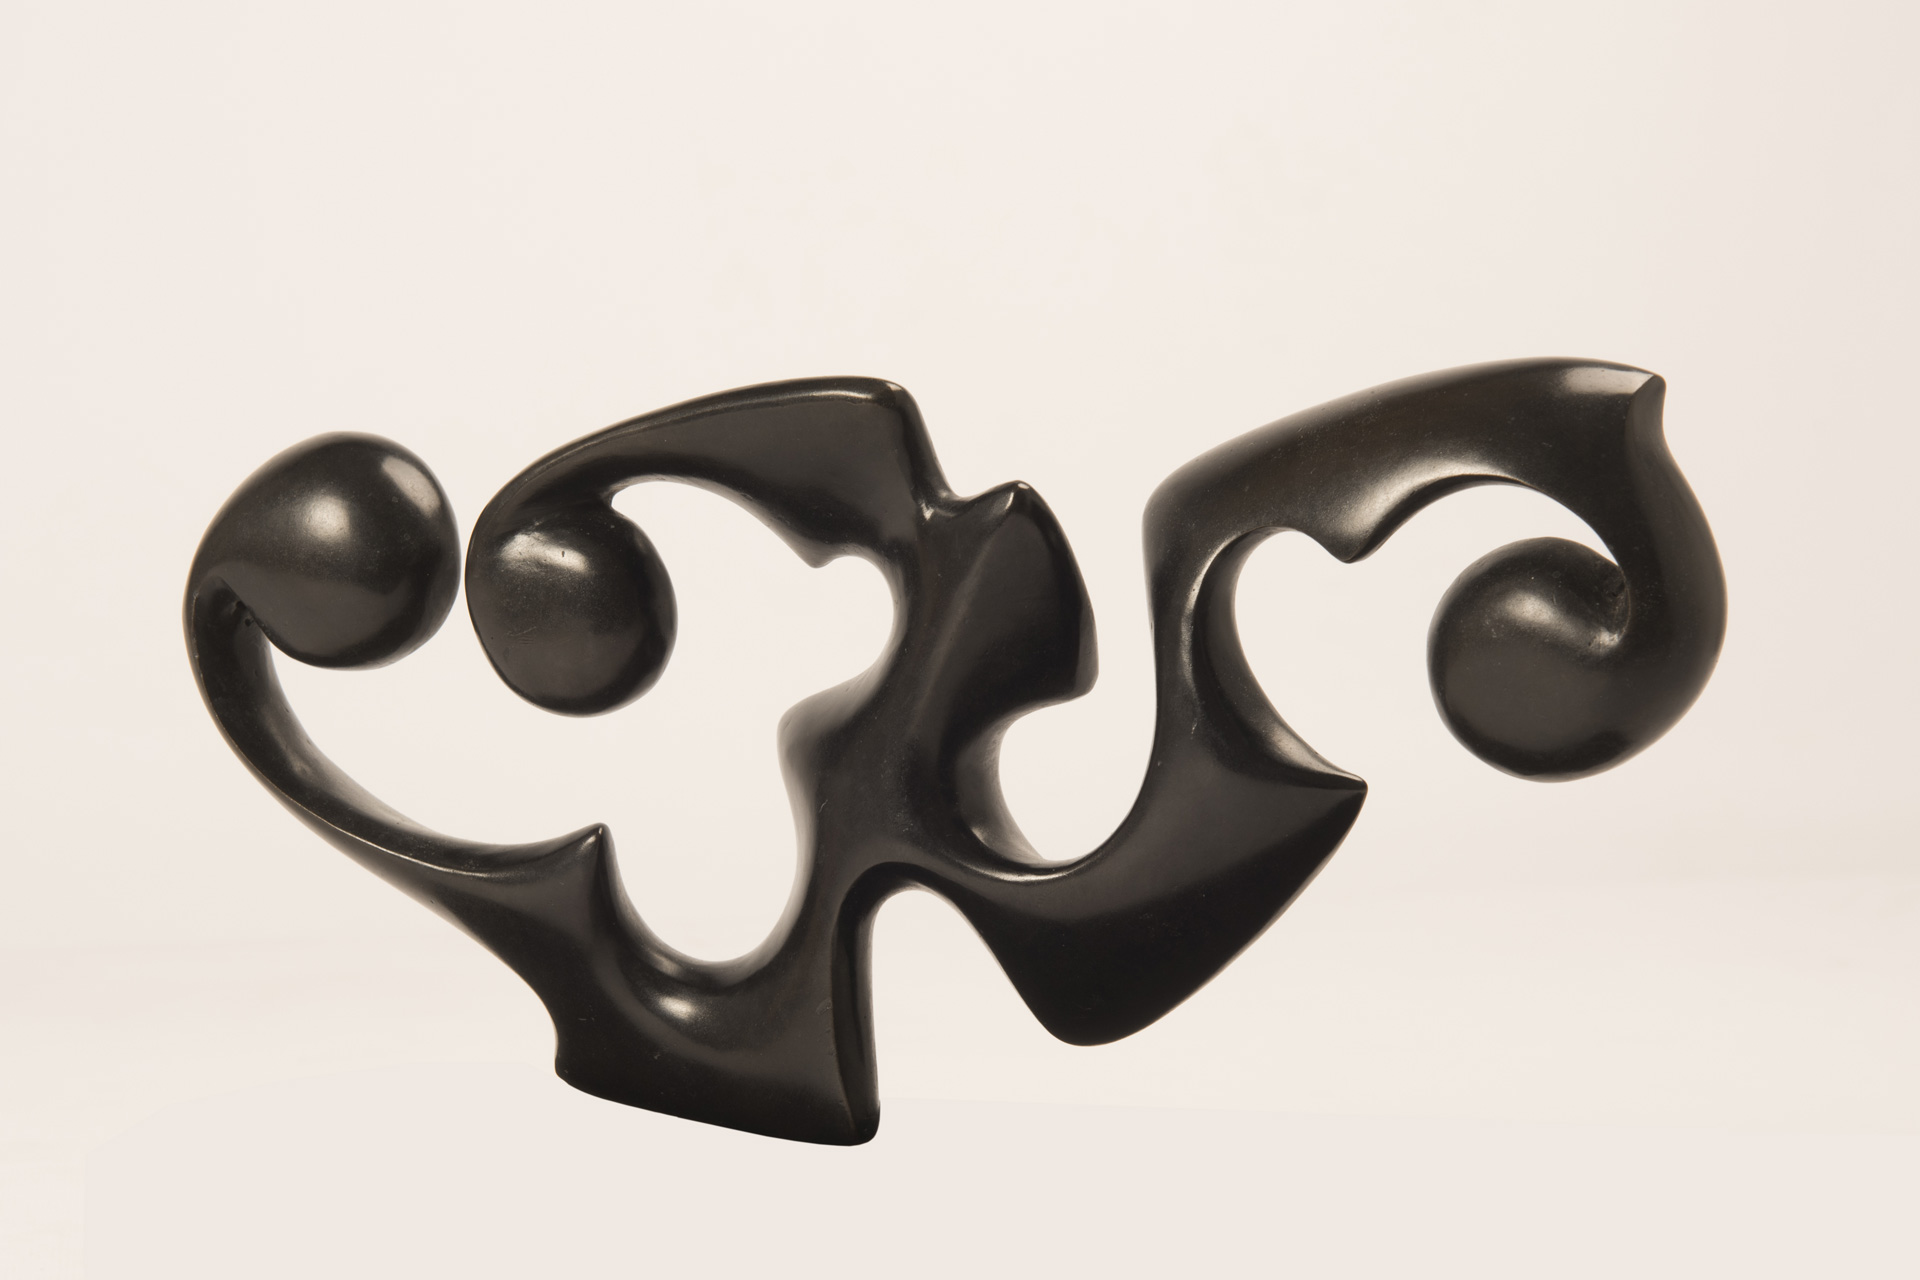 Disgiunto Oriente, 2008/2010 - Bronzo patinato nero, cm 13x27x15